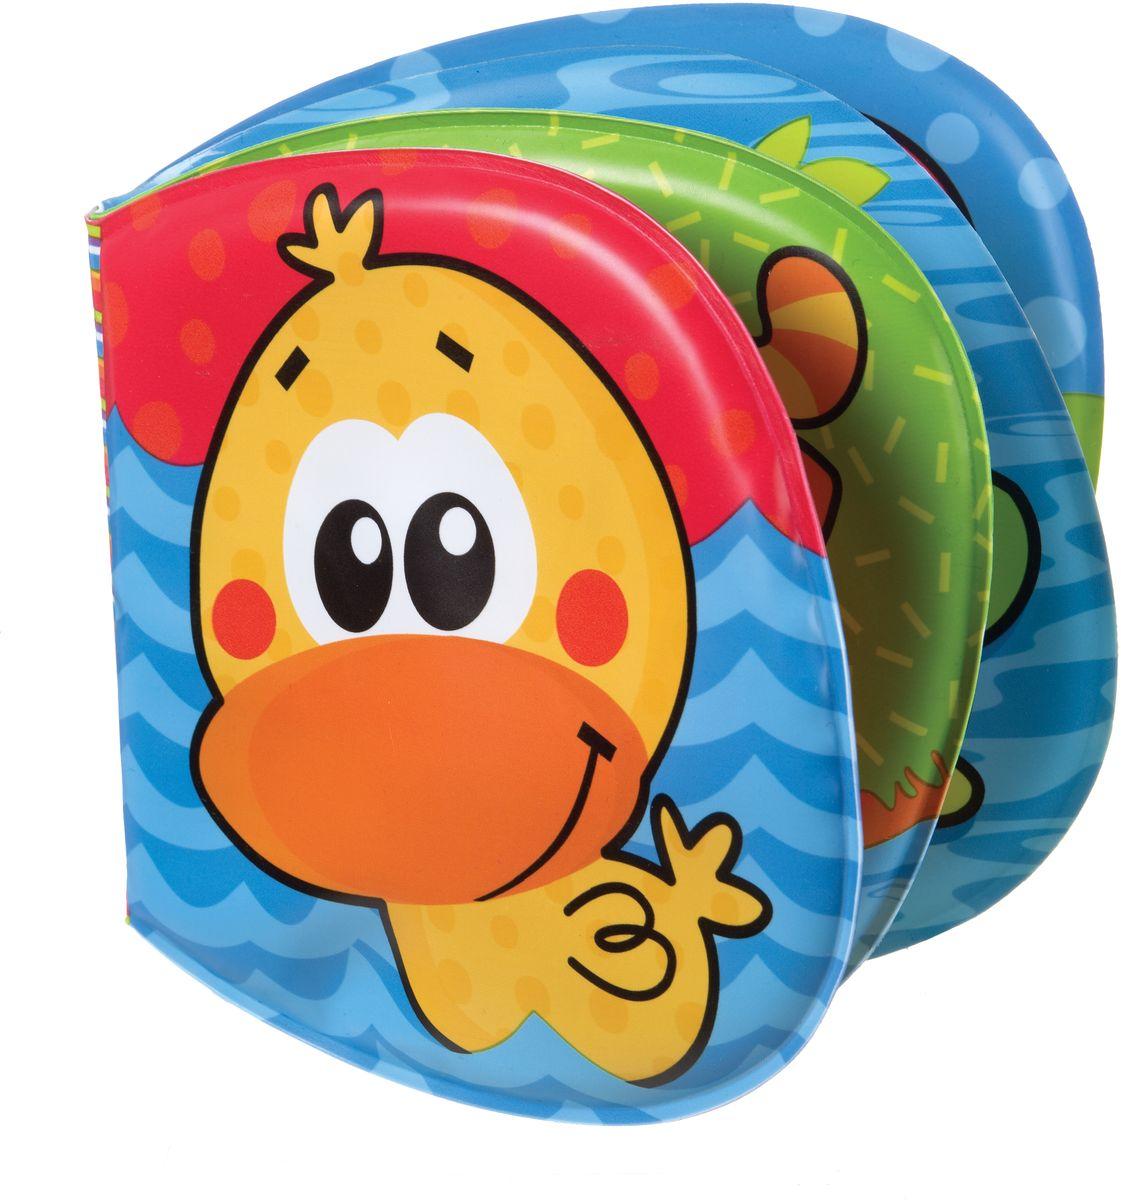 Playgro Игрушка для ванной Книжка-пищалка playgro игрушка для ванной книжка пищалка